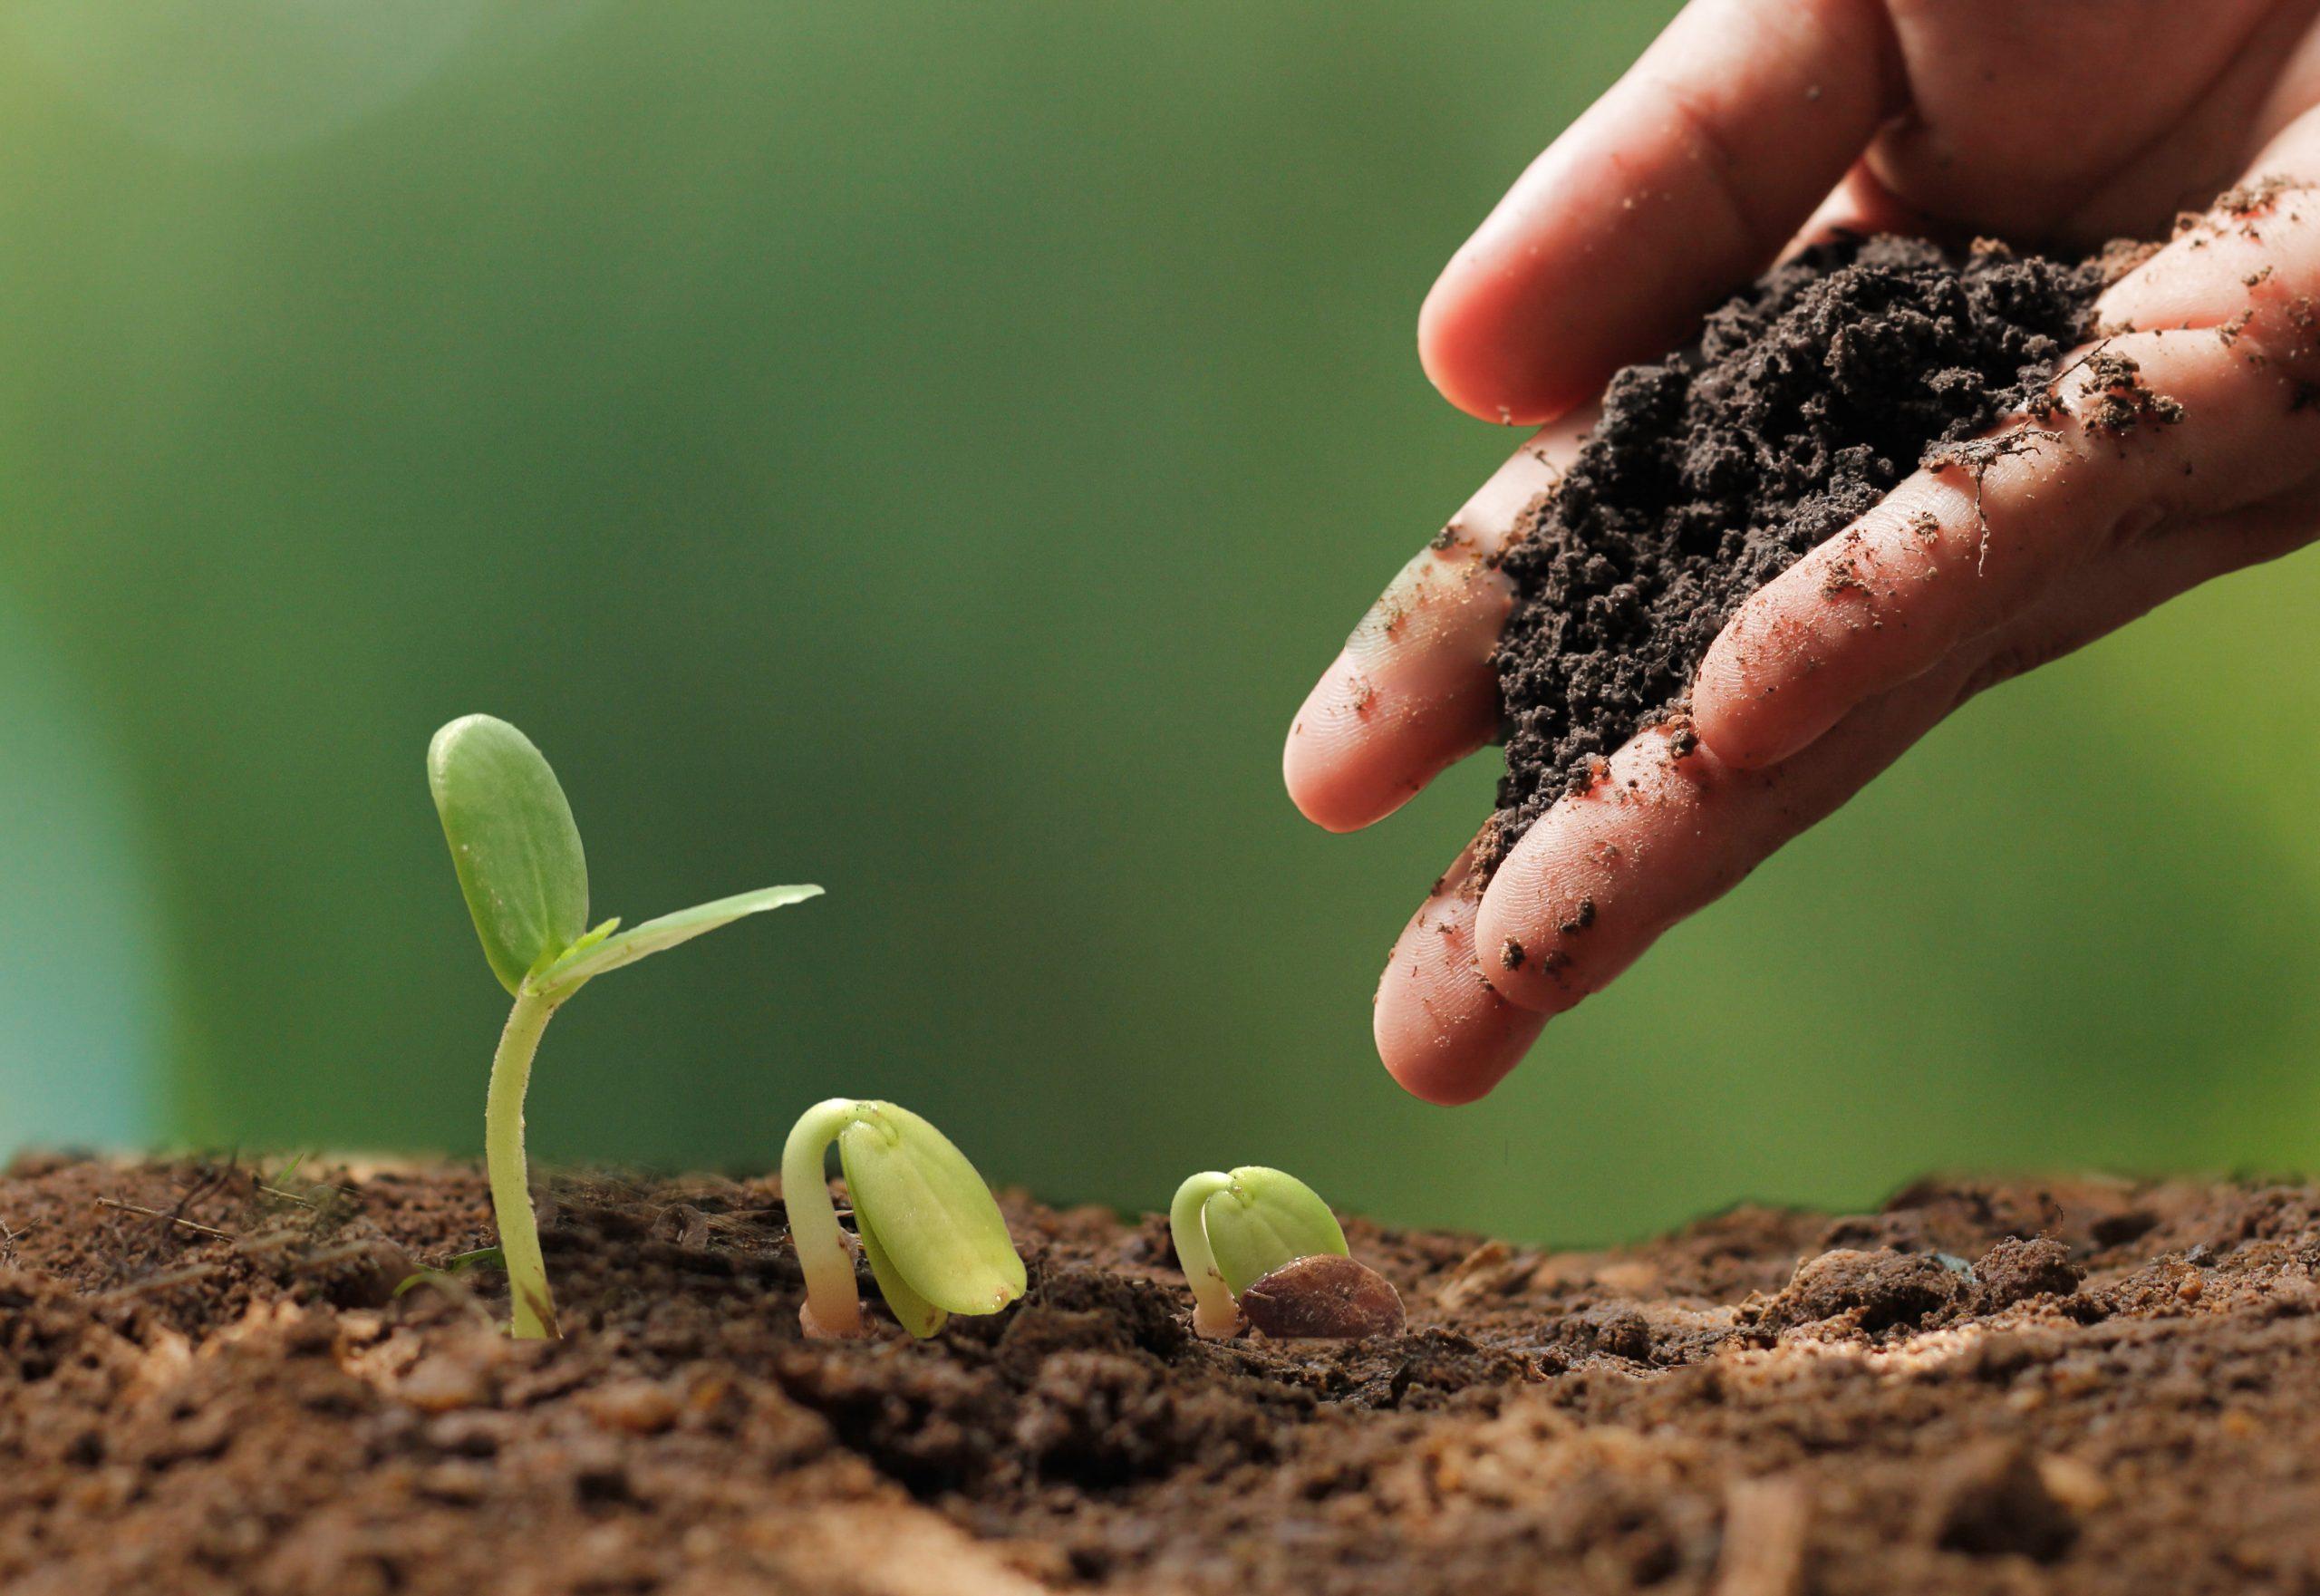 Afrique: Le temps de la transition vers l'agroécologie